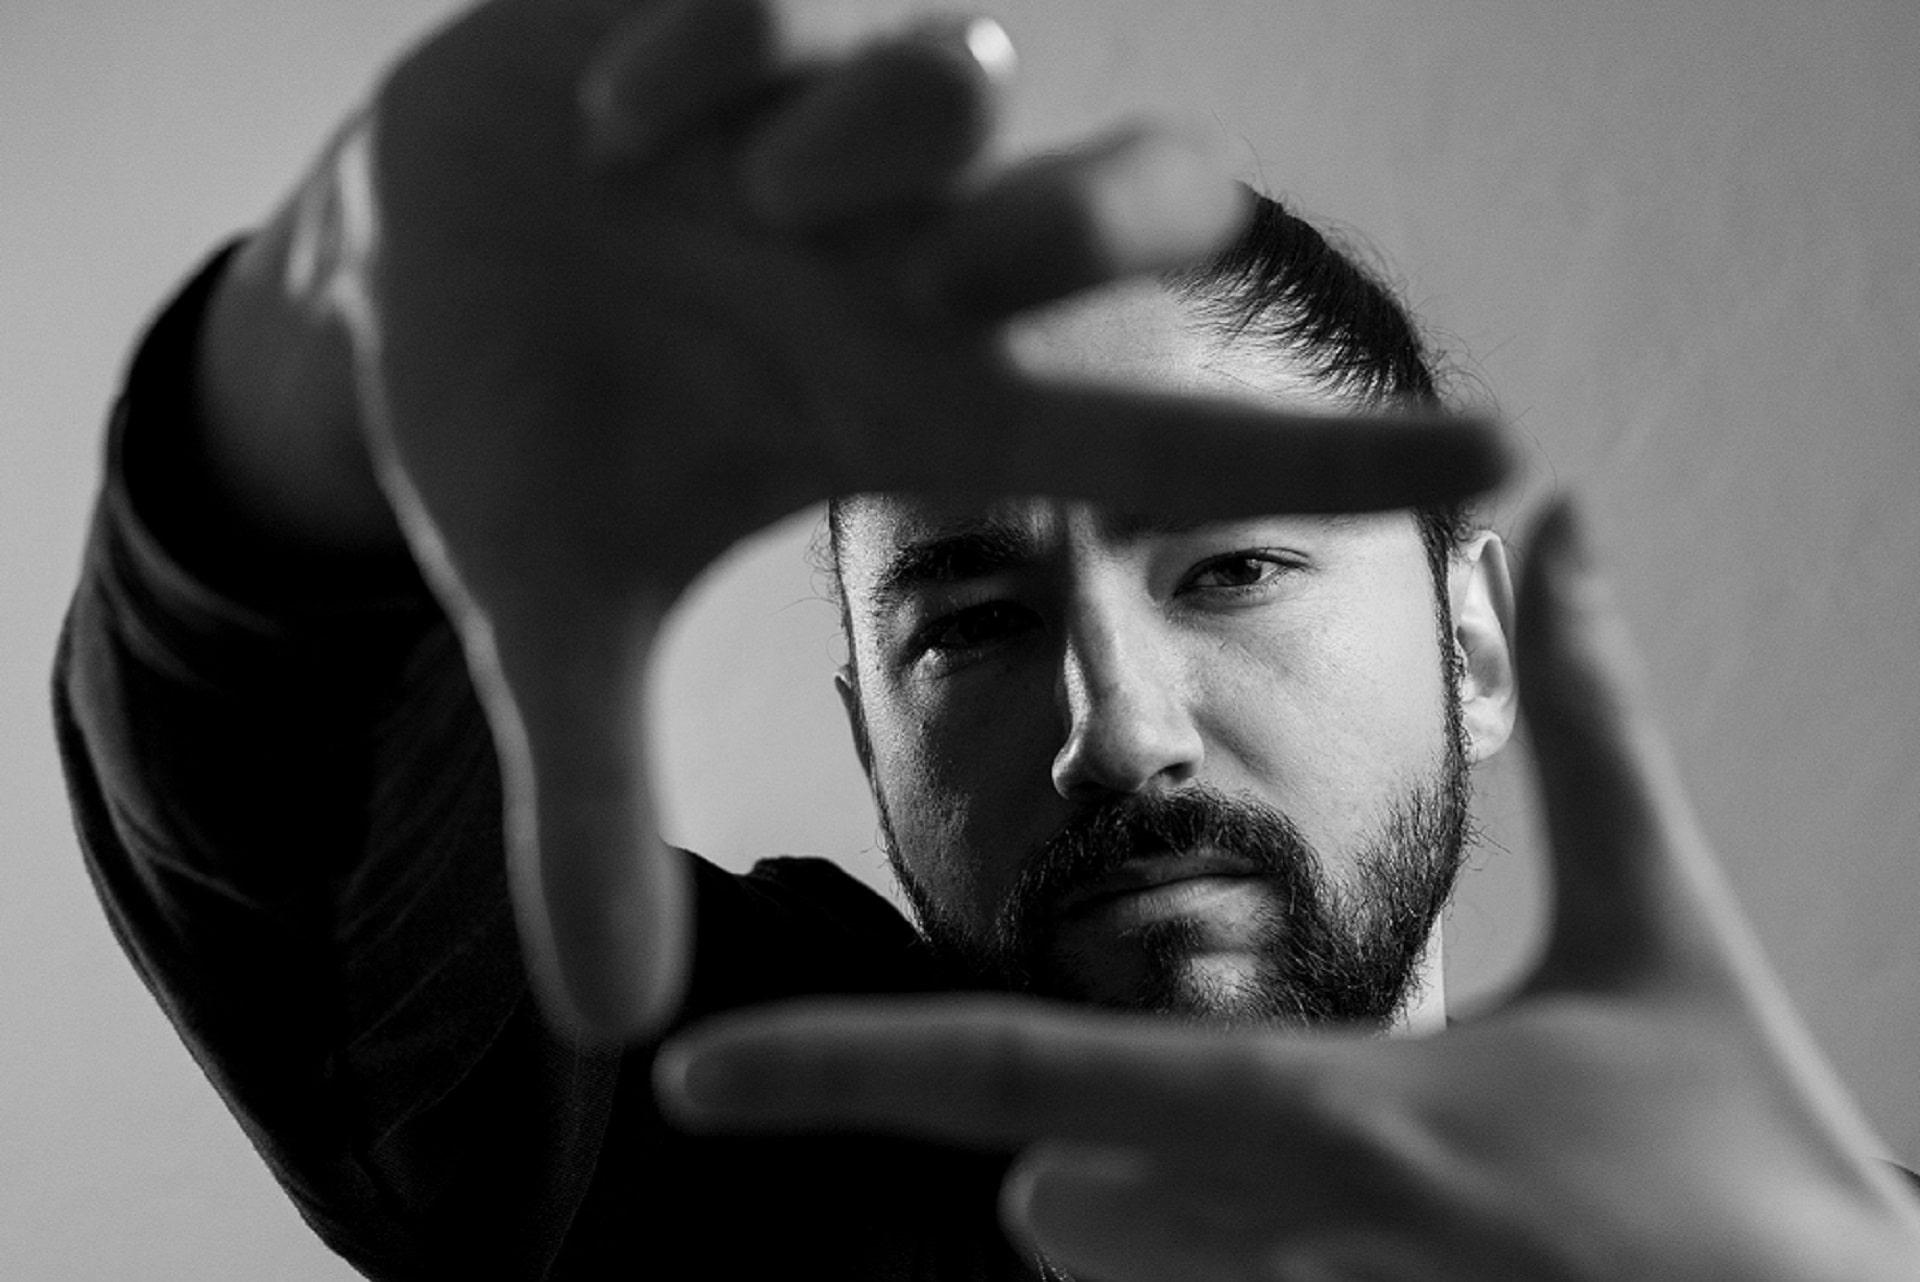 Entretien avec Boostee un artiste indépendant qui a la musique dans la peau